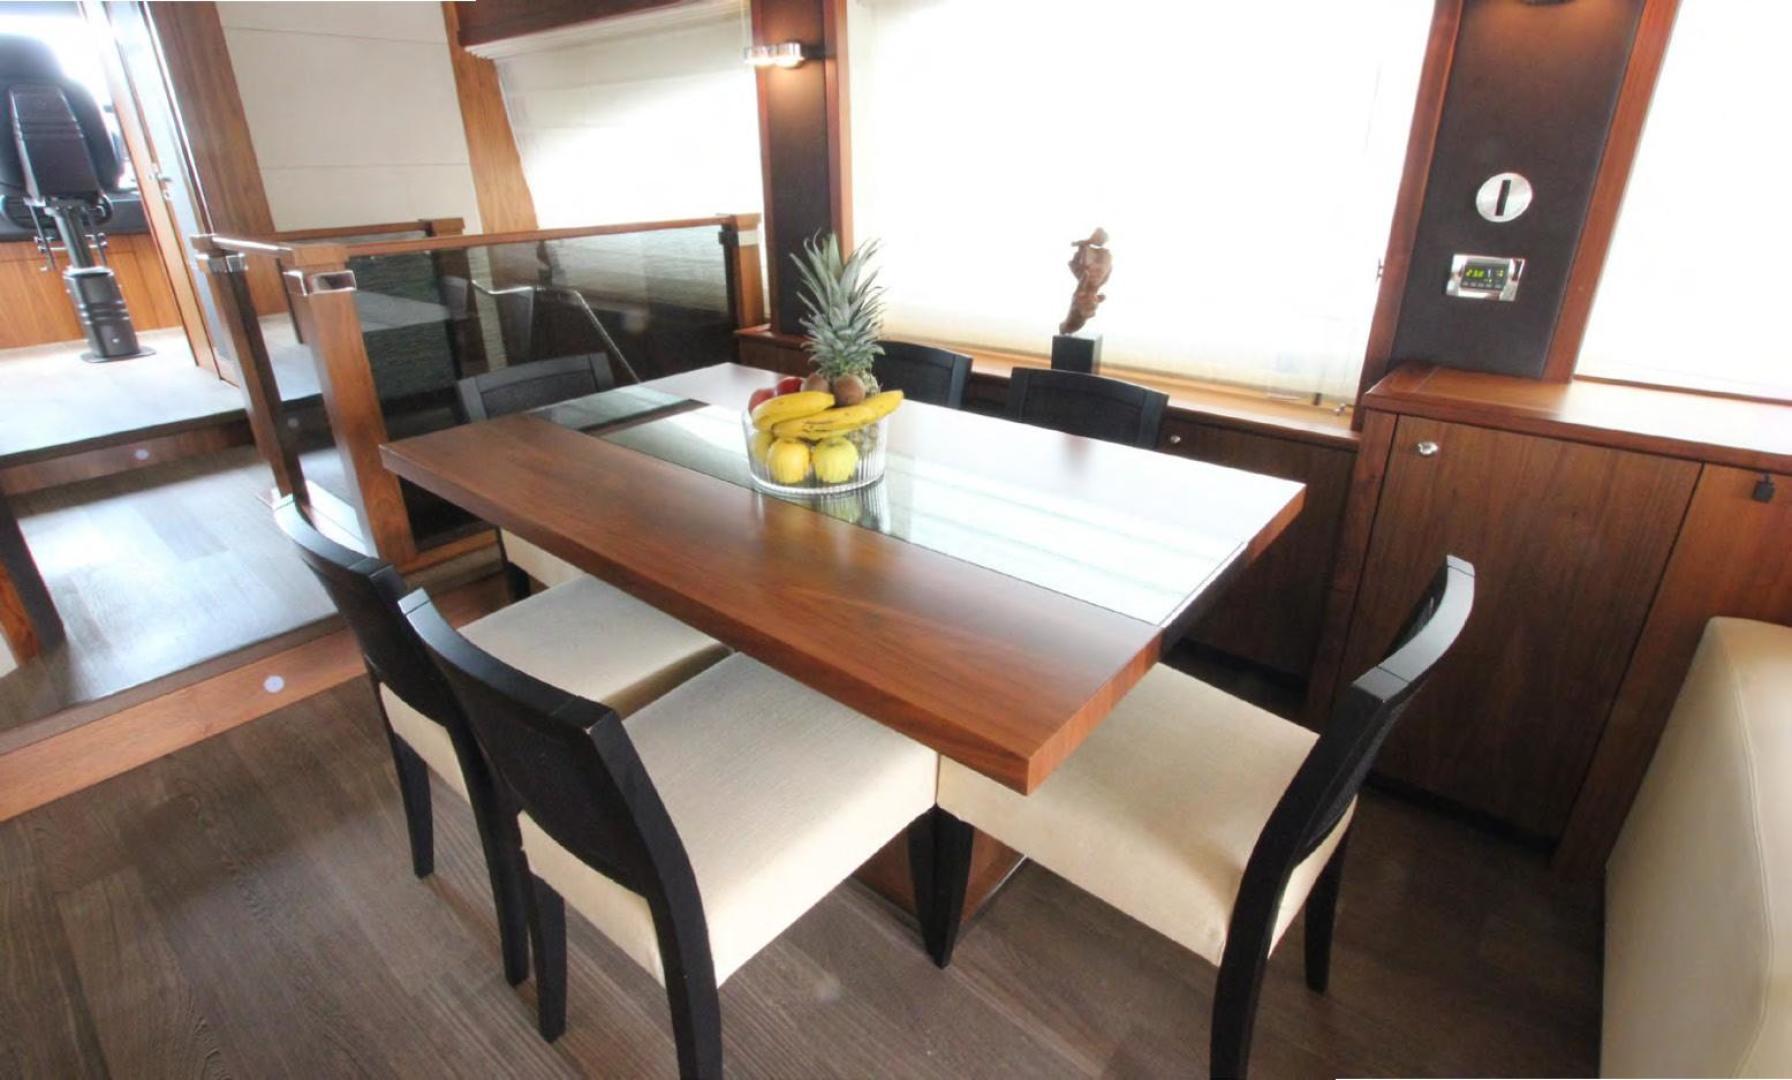 Sunseeker-Flybridge Motoryacht 2009-ANNABEL Mallorca-Spain-Dining Area-902614 | Thumbnail